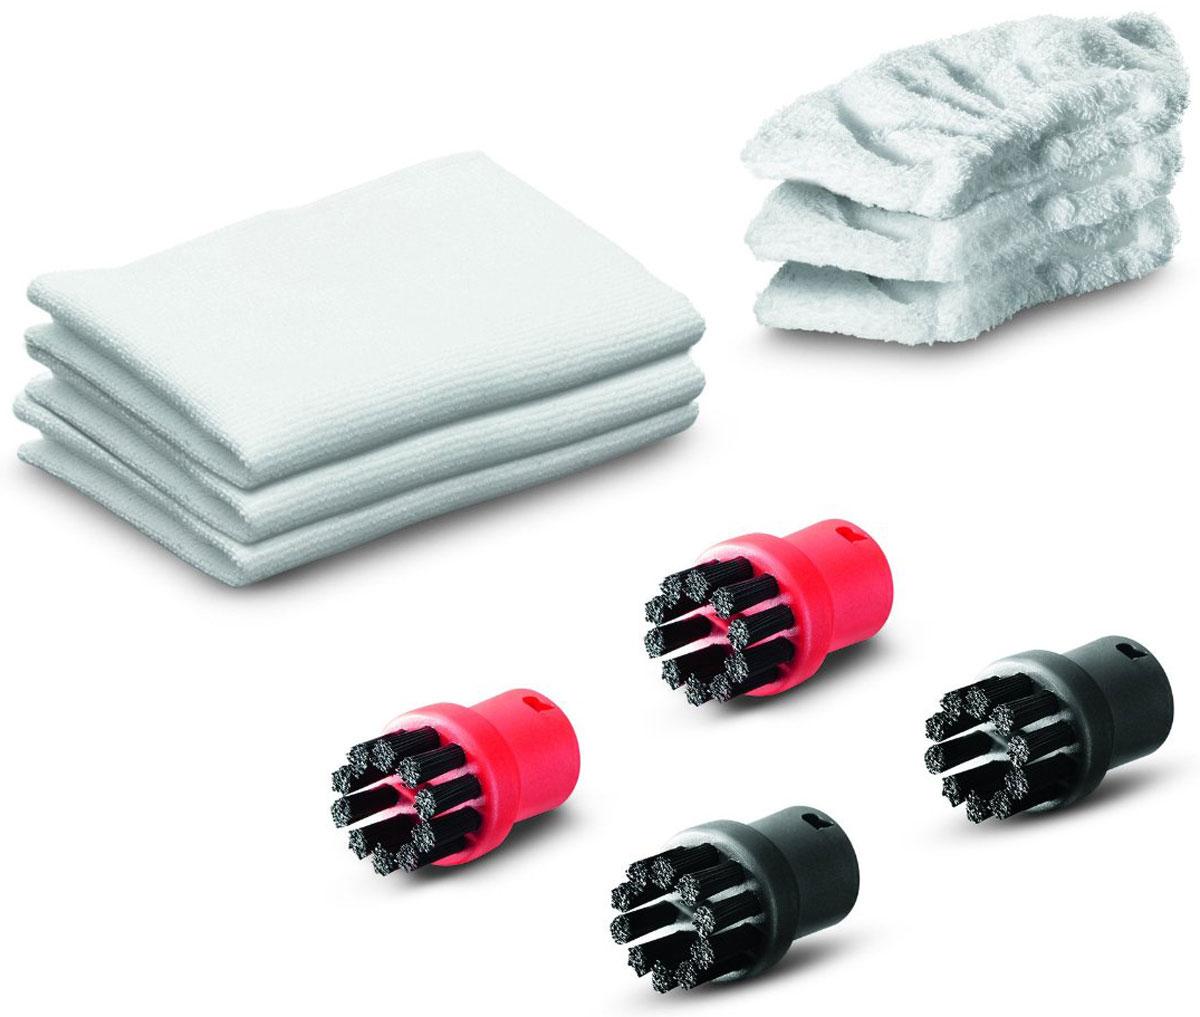 Karcher 28632150 набор аксессуаров для пароочистителя28632150Комплект Karcher состоит из трех хлопковых салфеток для пола, трех салфеток для ручной насадки, двух красных и двух черных круглых щеток. Подходит для пароочистителей.